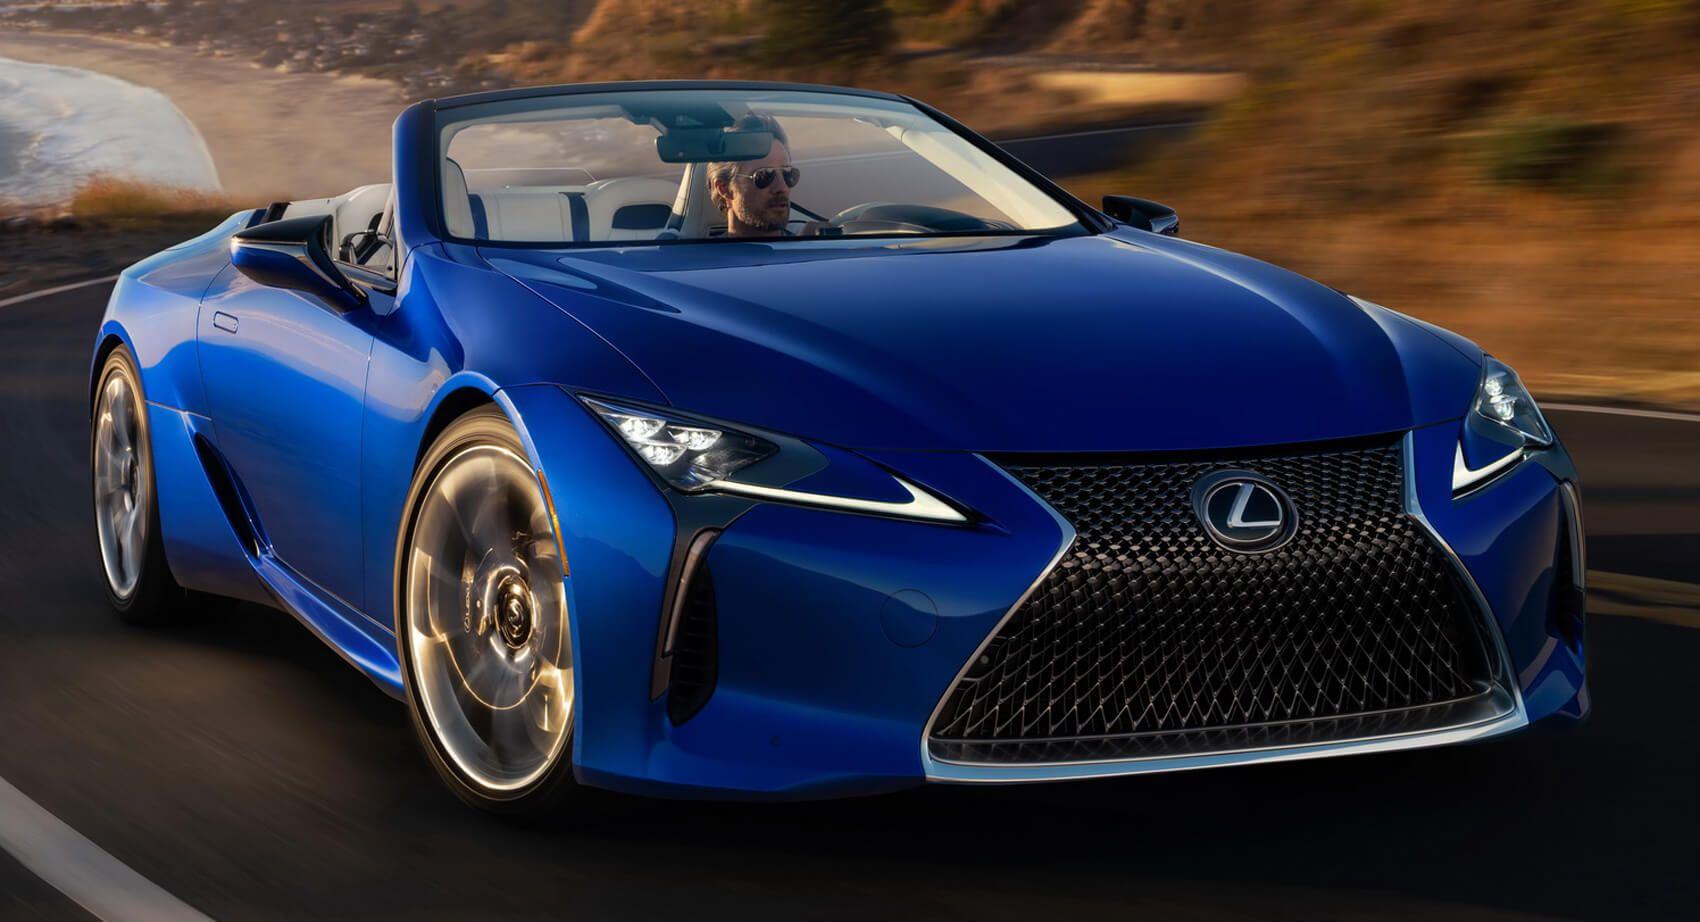 2021 Lexus Lc500 Convertible Inspiration Series Vin 01 Sells For 2 Million Auction Lexus Lexuslc Cars Carsofinstagram Carporn Carlifes Lexus Lc Convertible Latest Cars